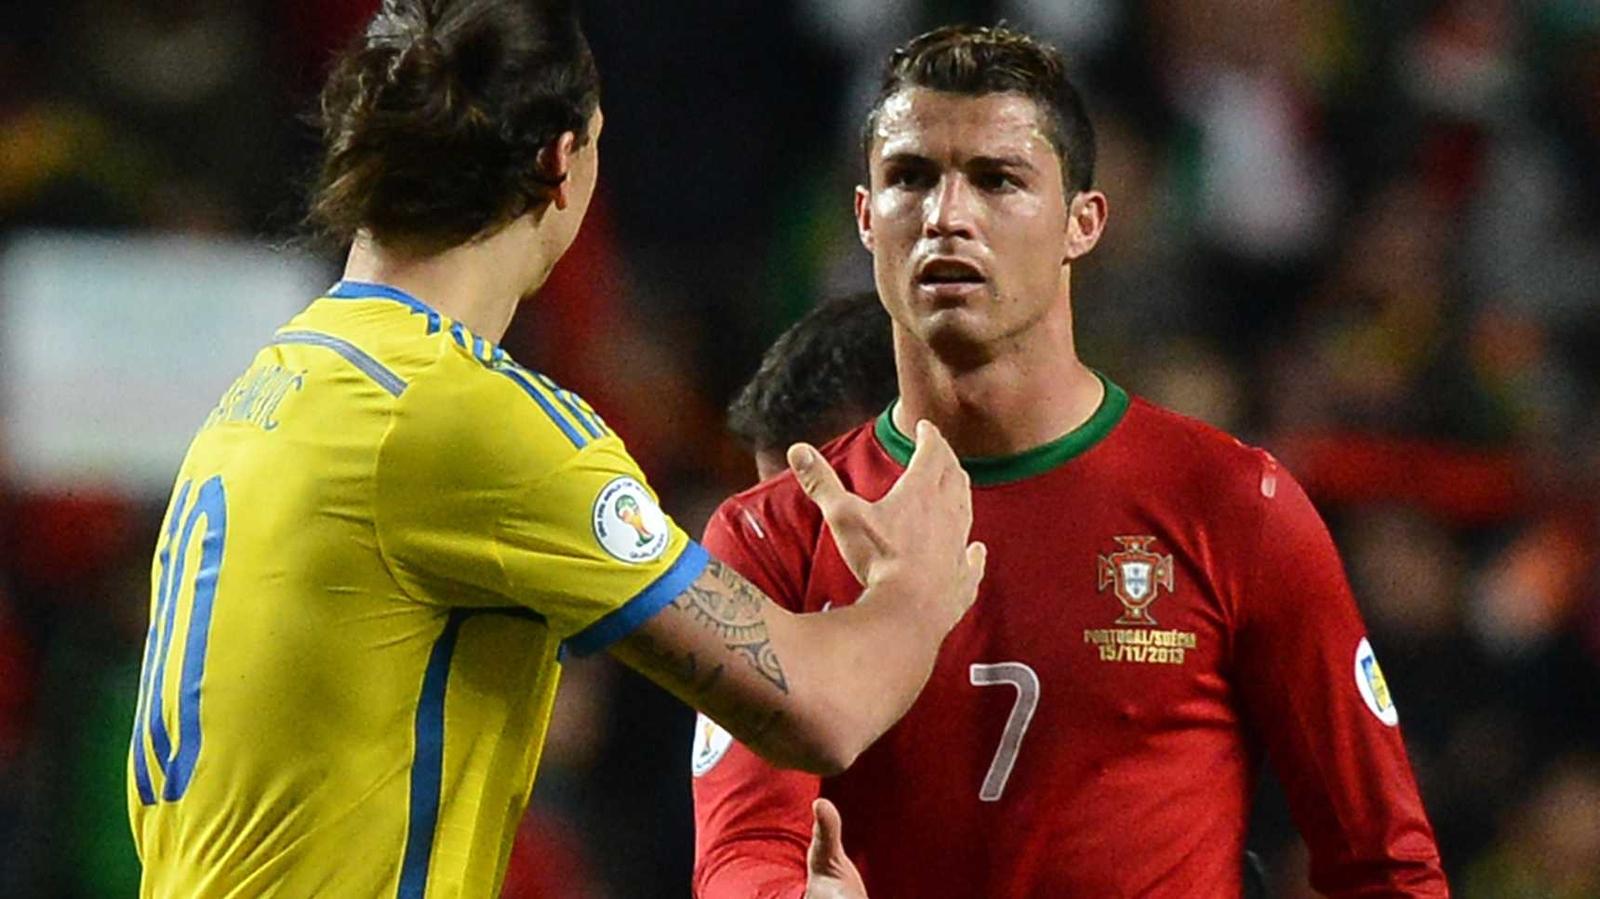 Xếp hạng 10 hat-trick ấn tượng nhất của Ronaldo: Lần đầu trong màu áo M.U - Bóng Đá